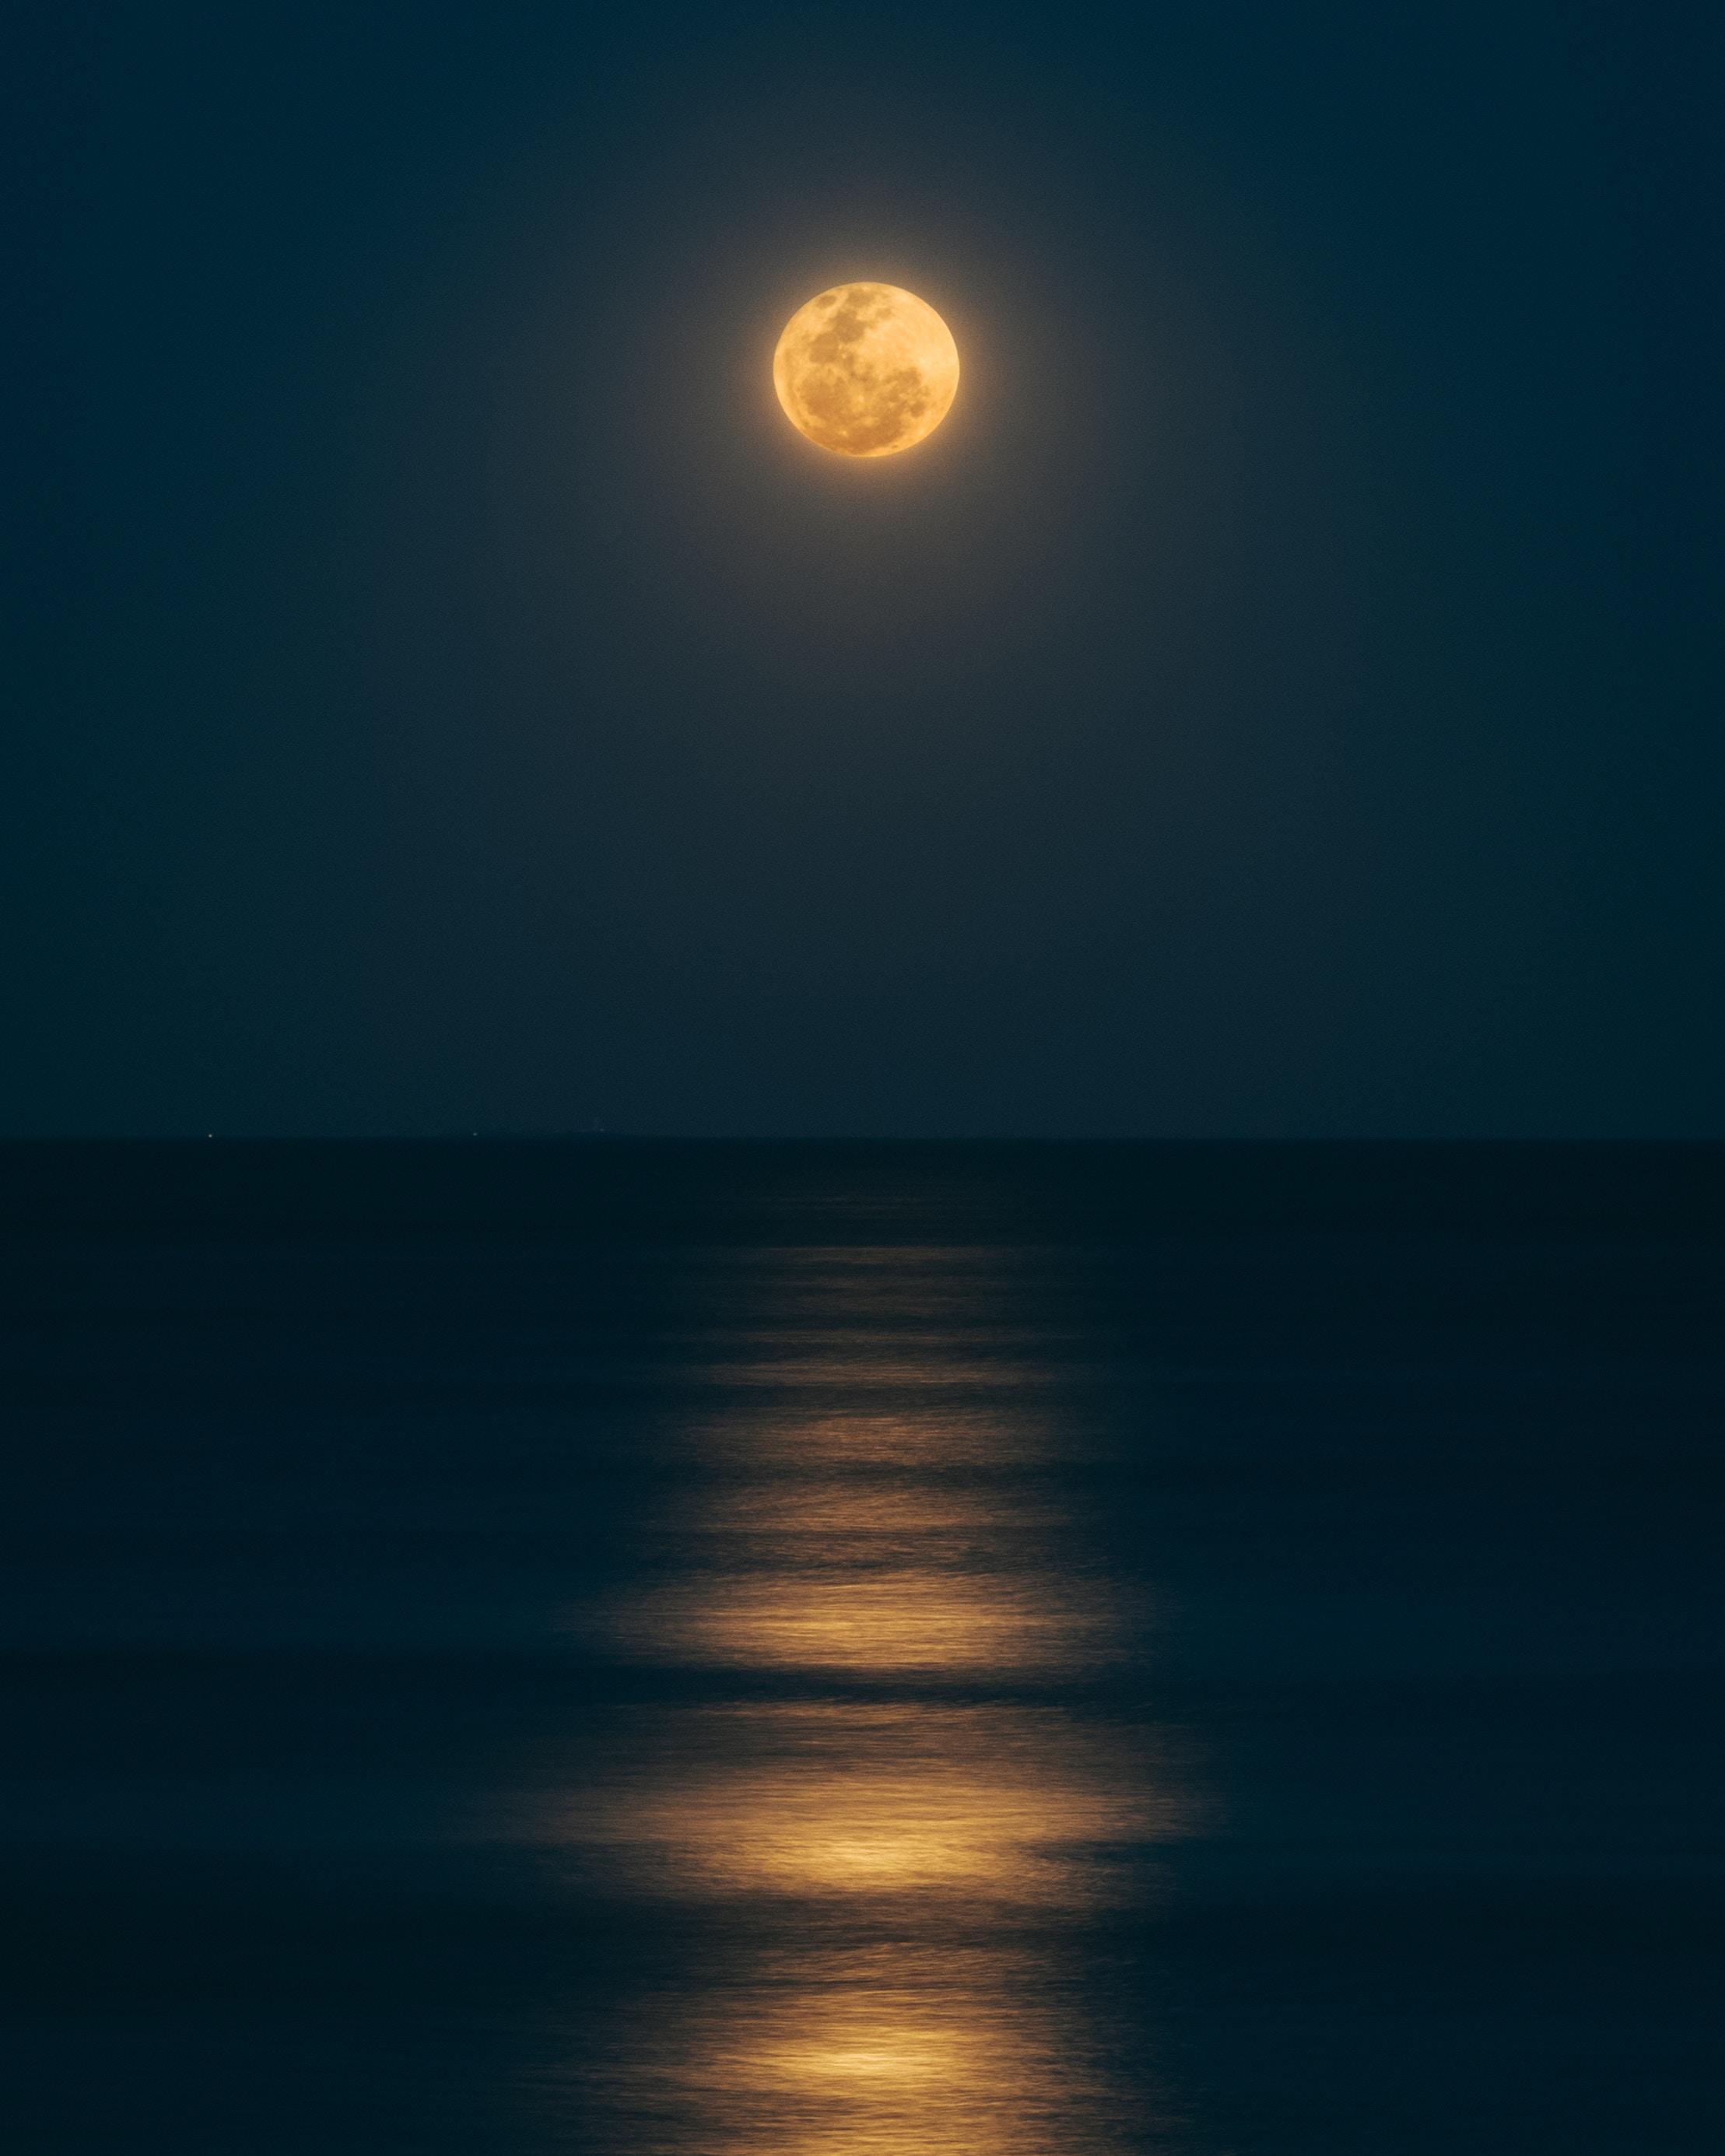 Ponedeljak je Mesec -Stella Numerus